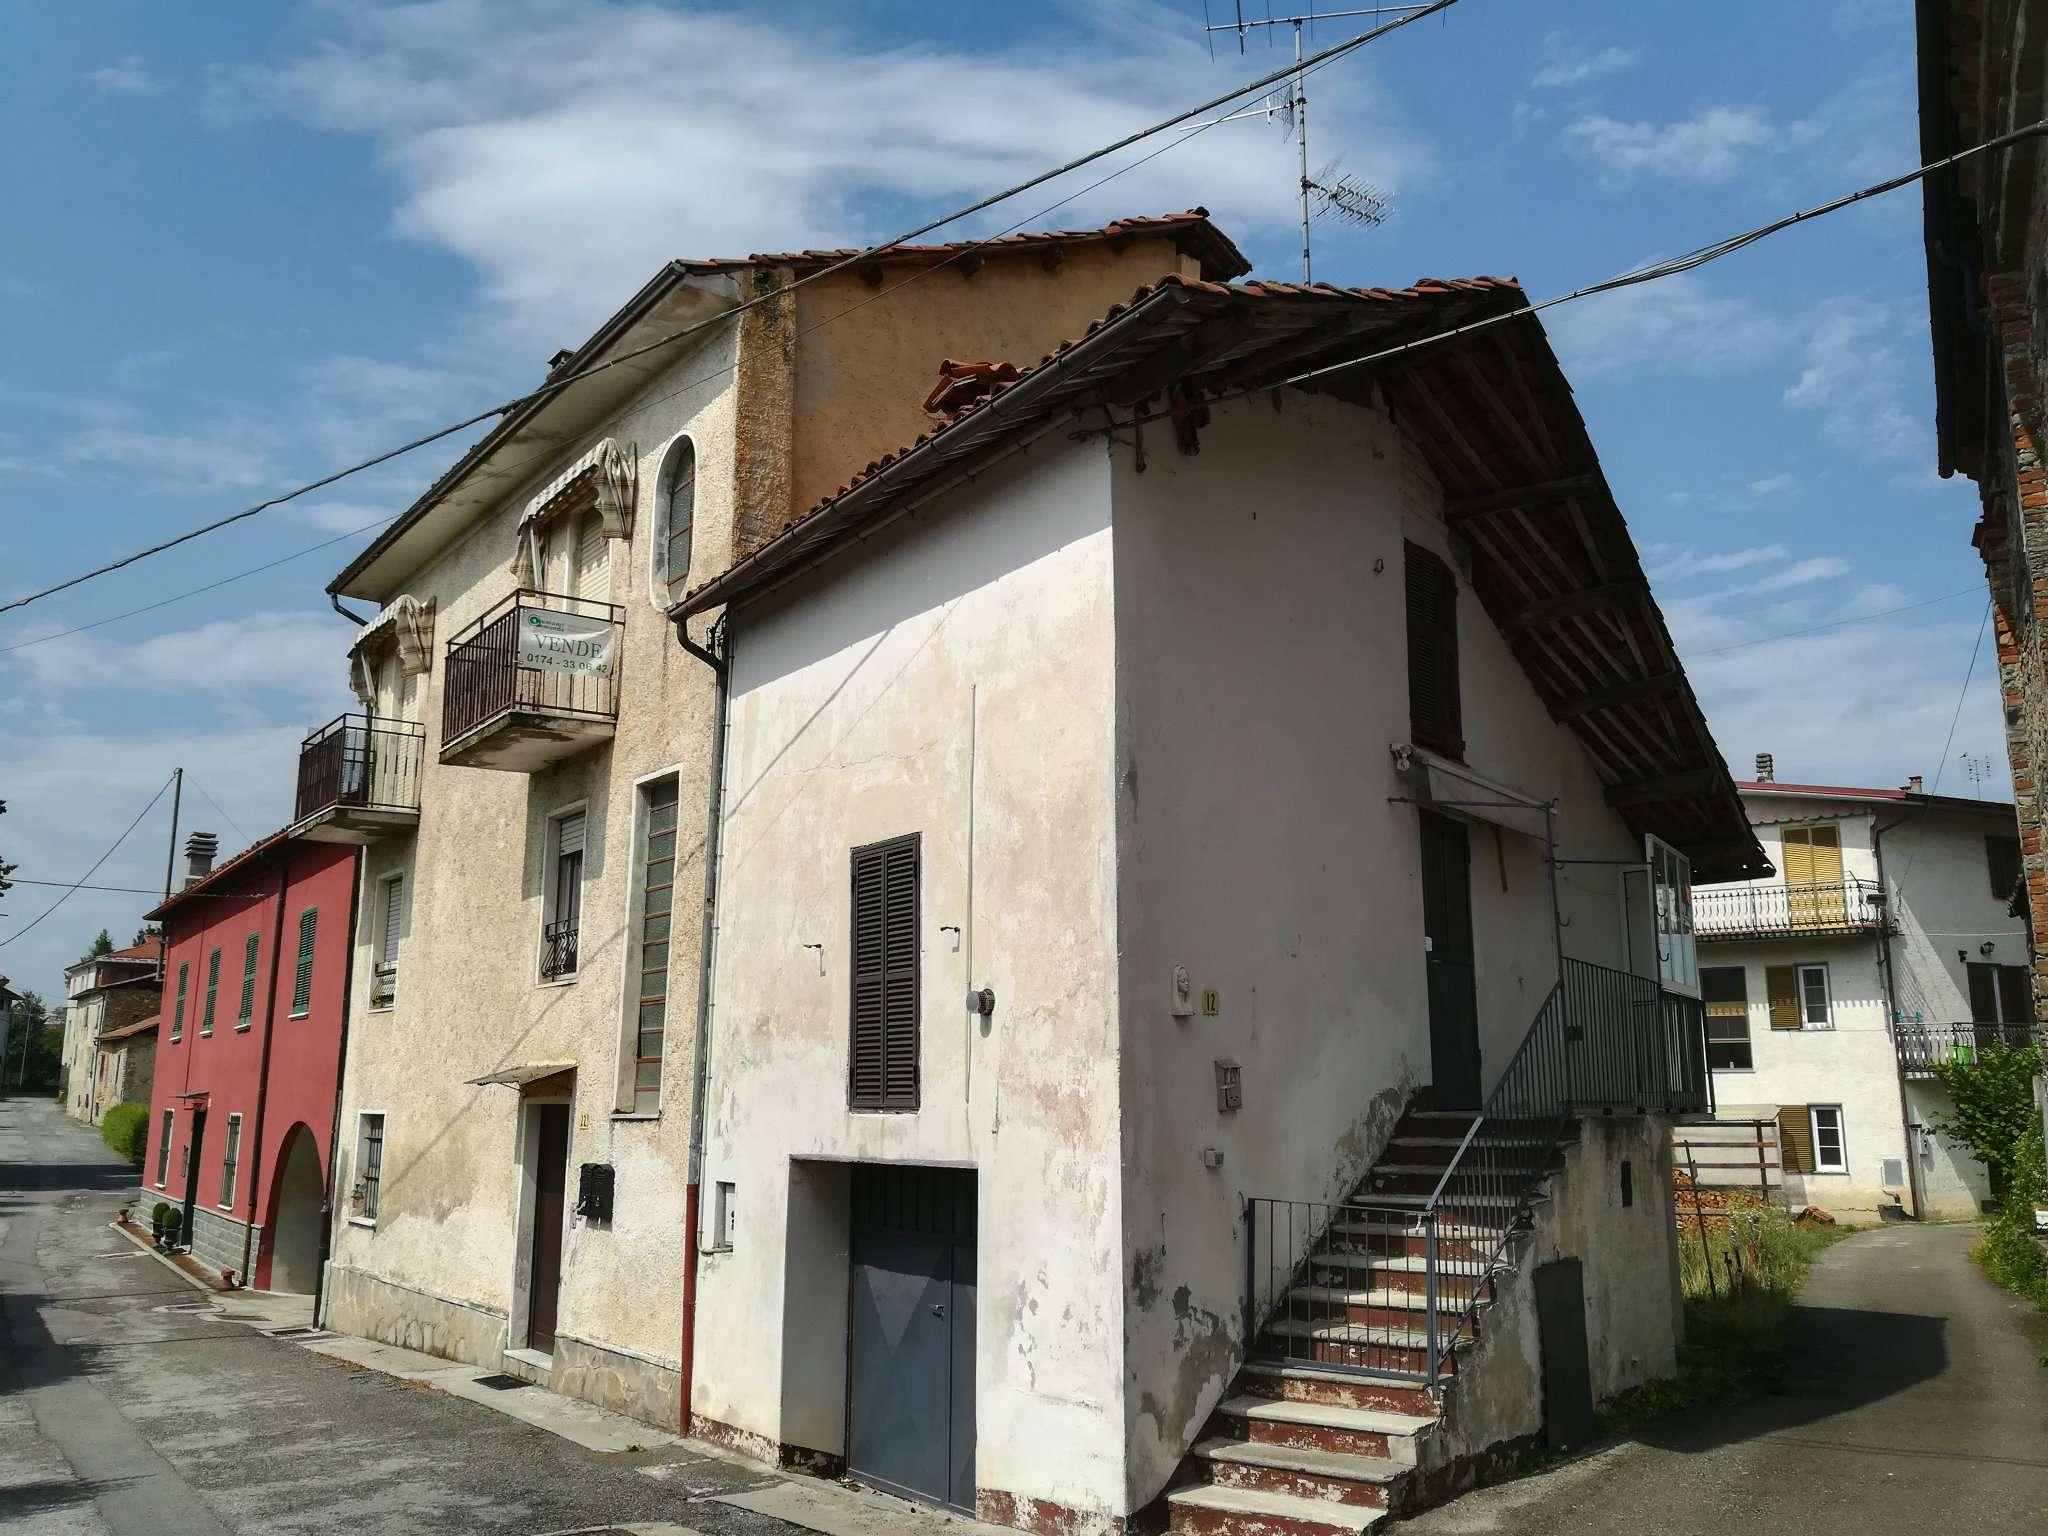 Appartamento in vendita a Niella Tanaro, 8 locali, prezzo € 48.000 | CambioCasa.it